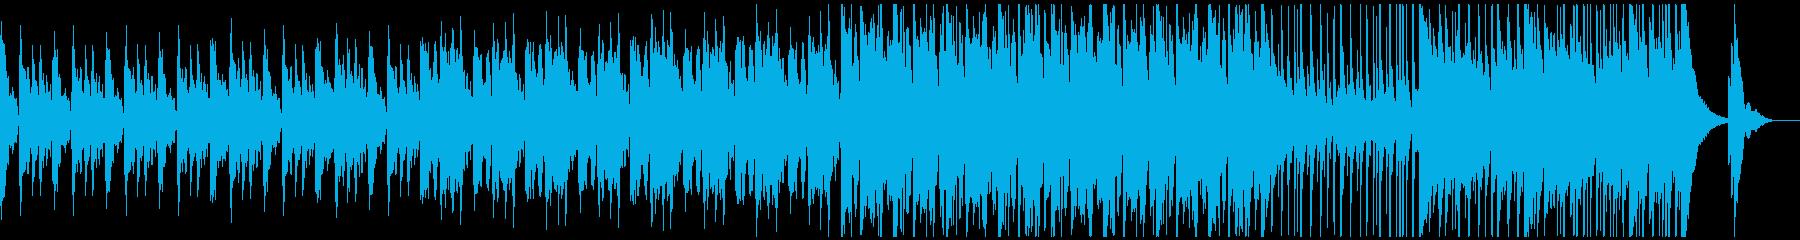 壮大なハリウッド系映画トレーラーの再生済みの波形